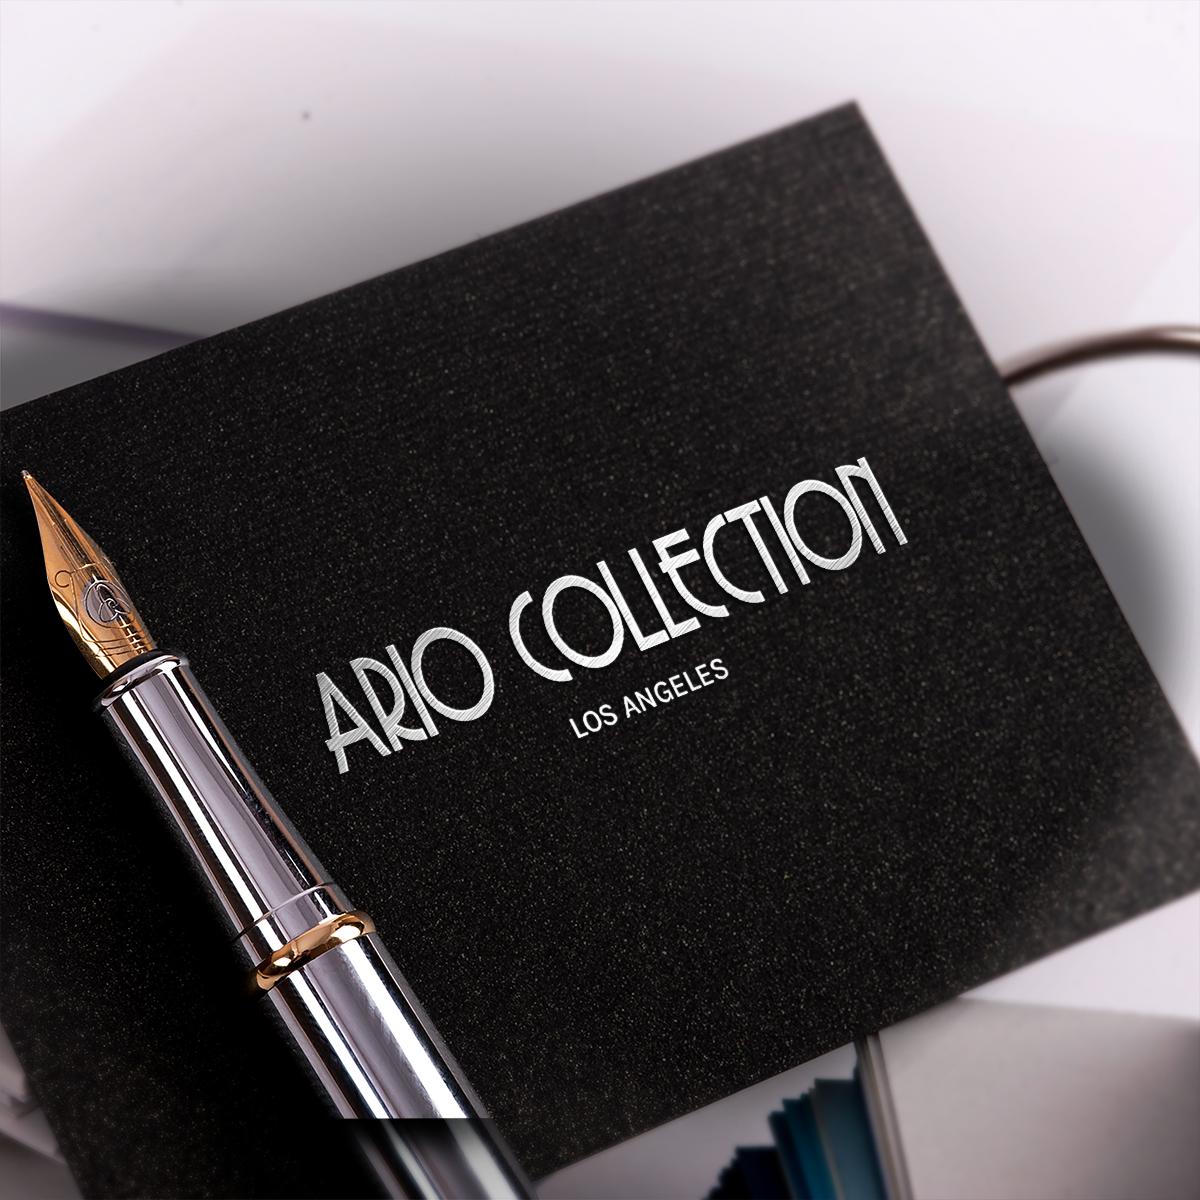 Ario Collection